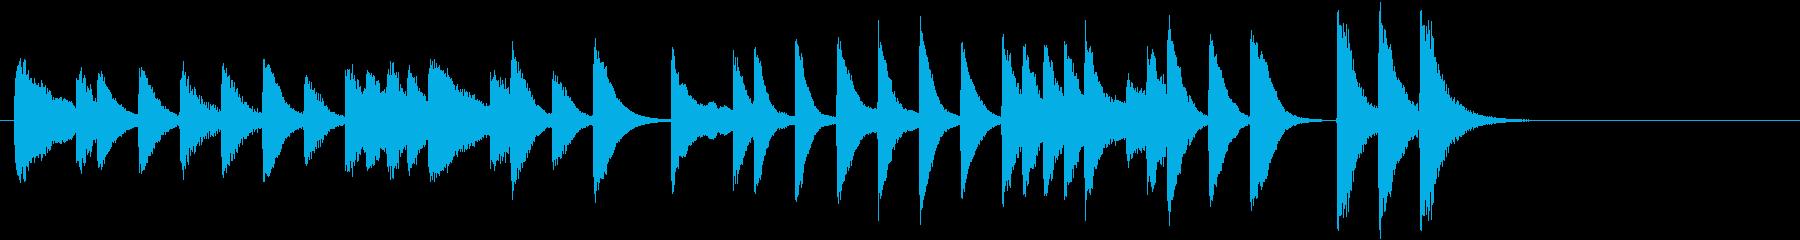 ひいらぎかざろうモチーフピアノジングルAの再生済みの波形